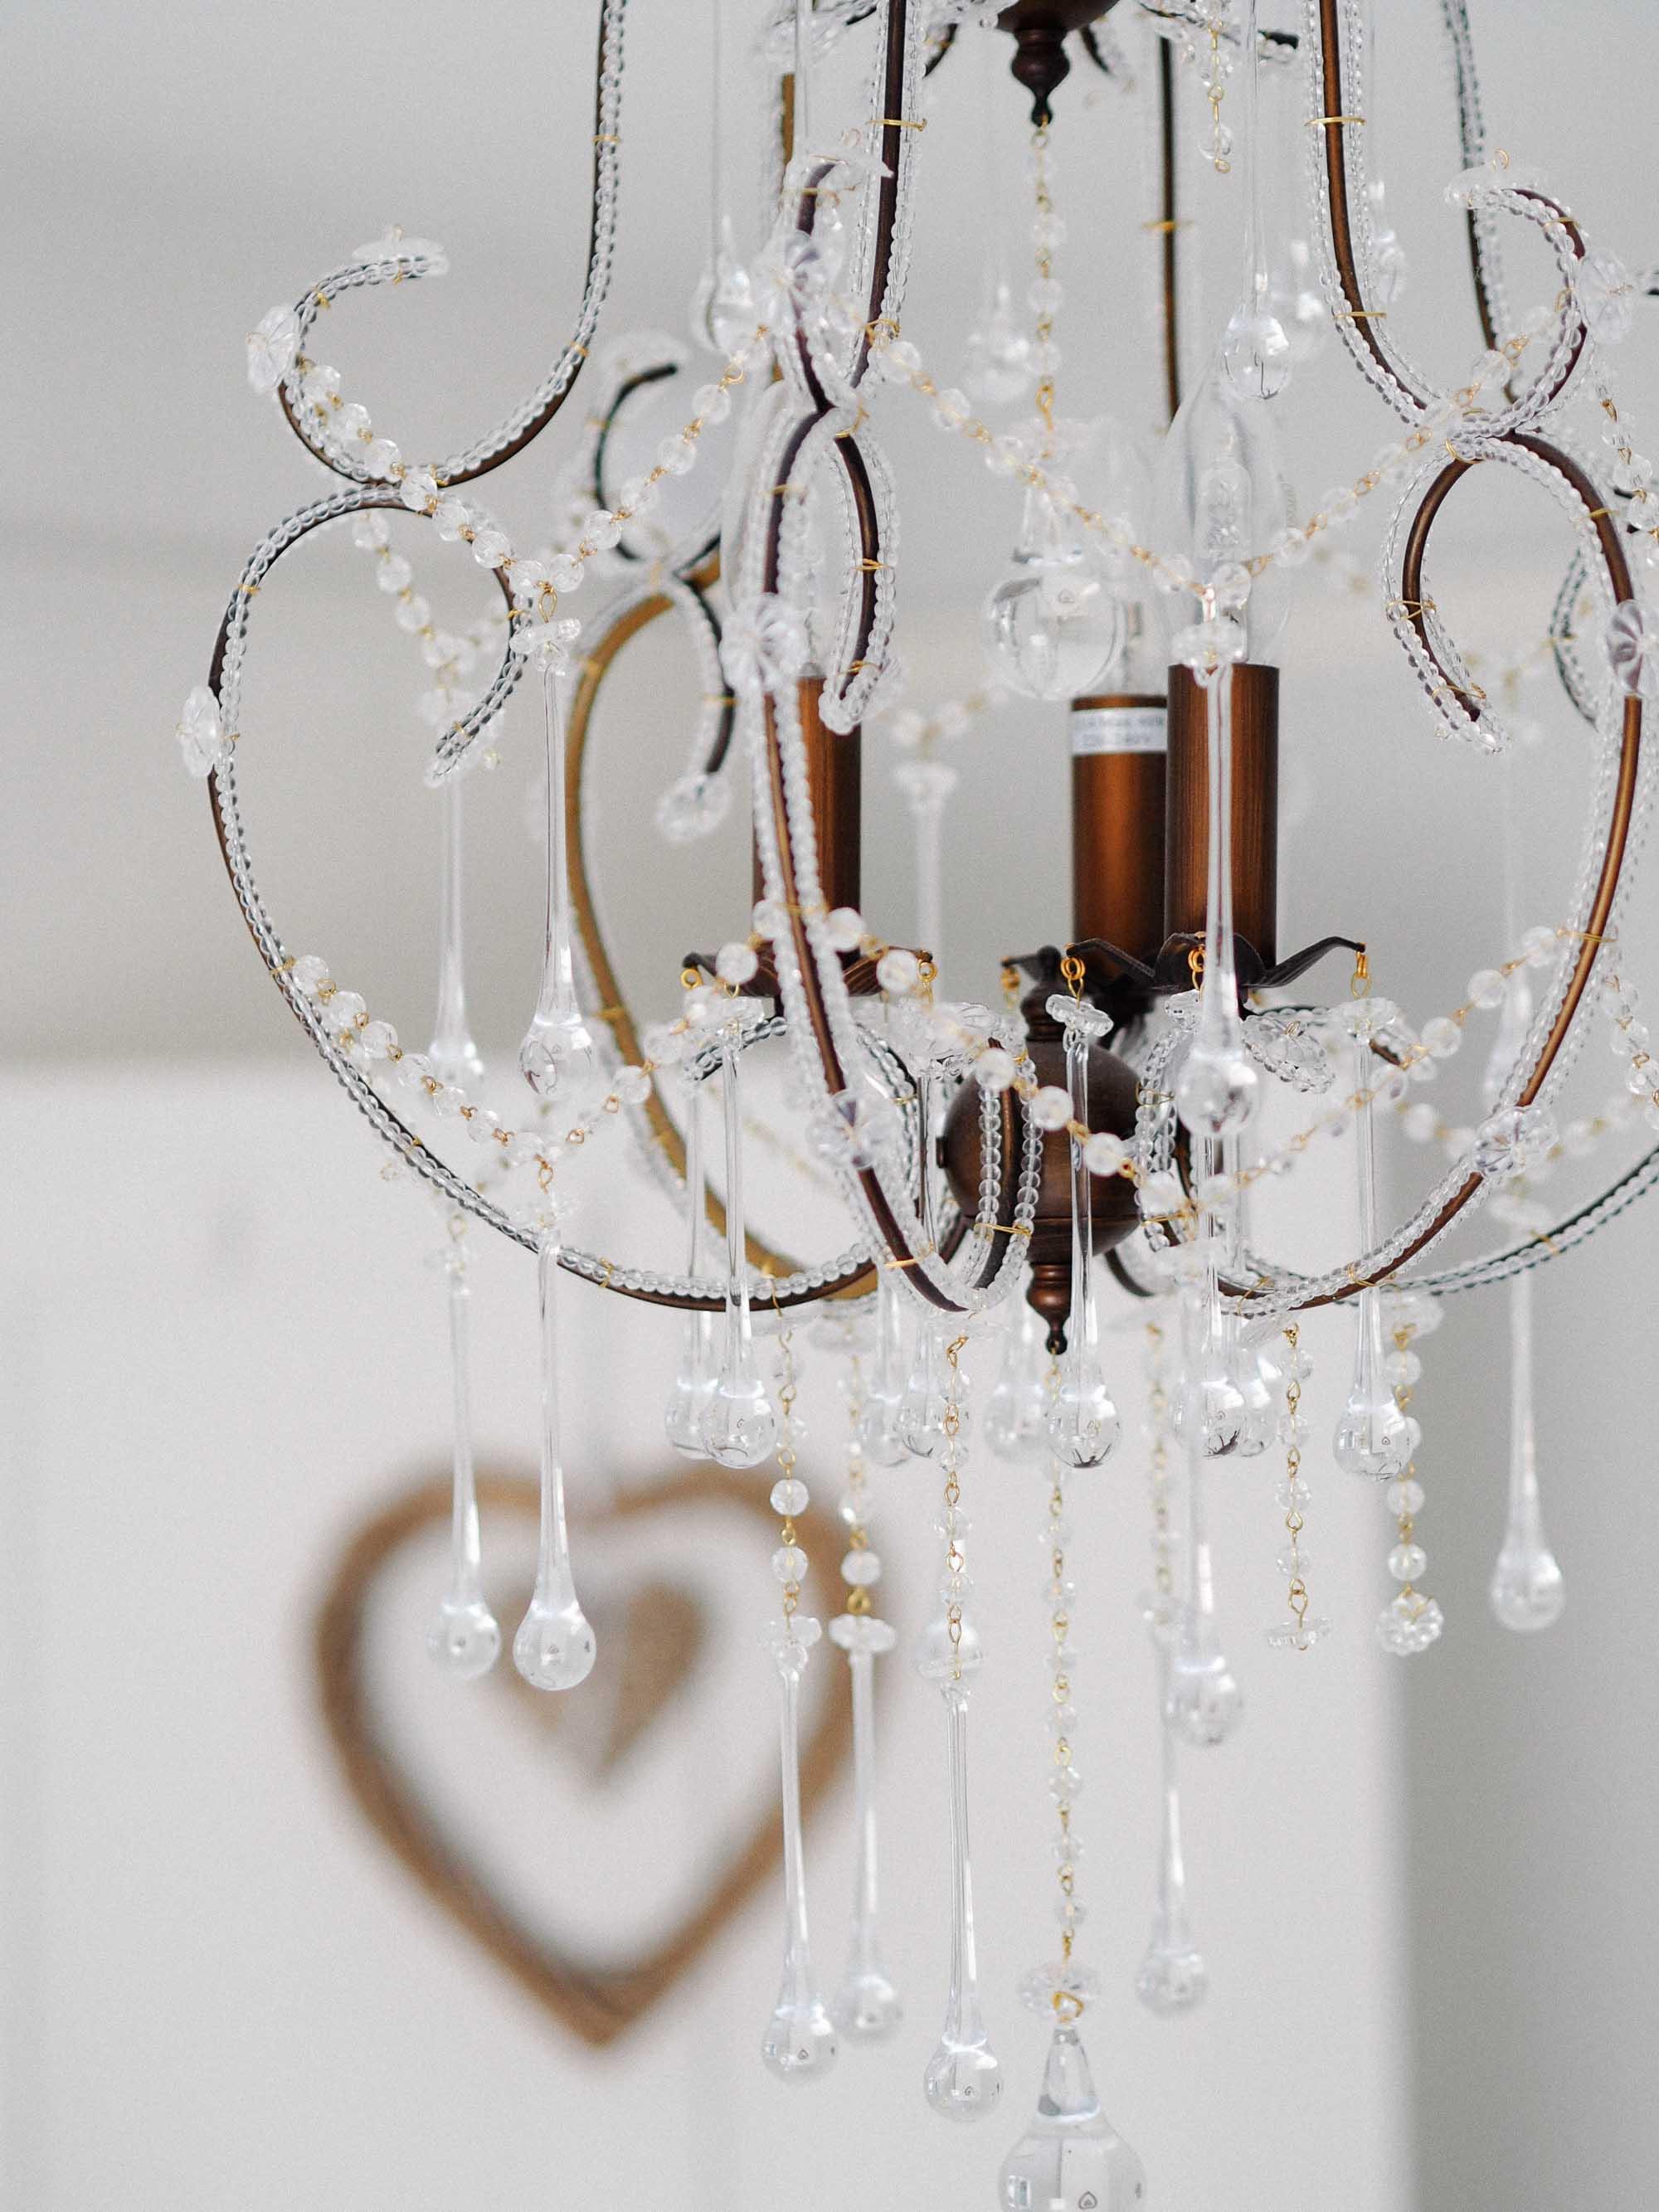 20 glass beaded chandelier details.jpg